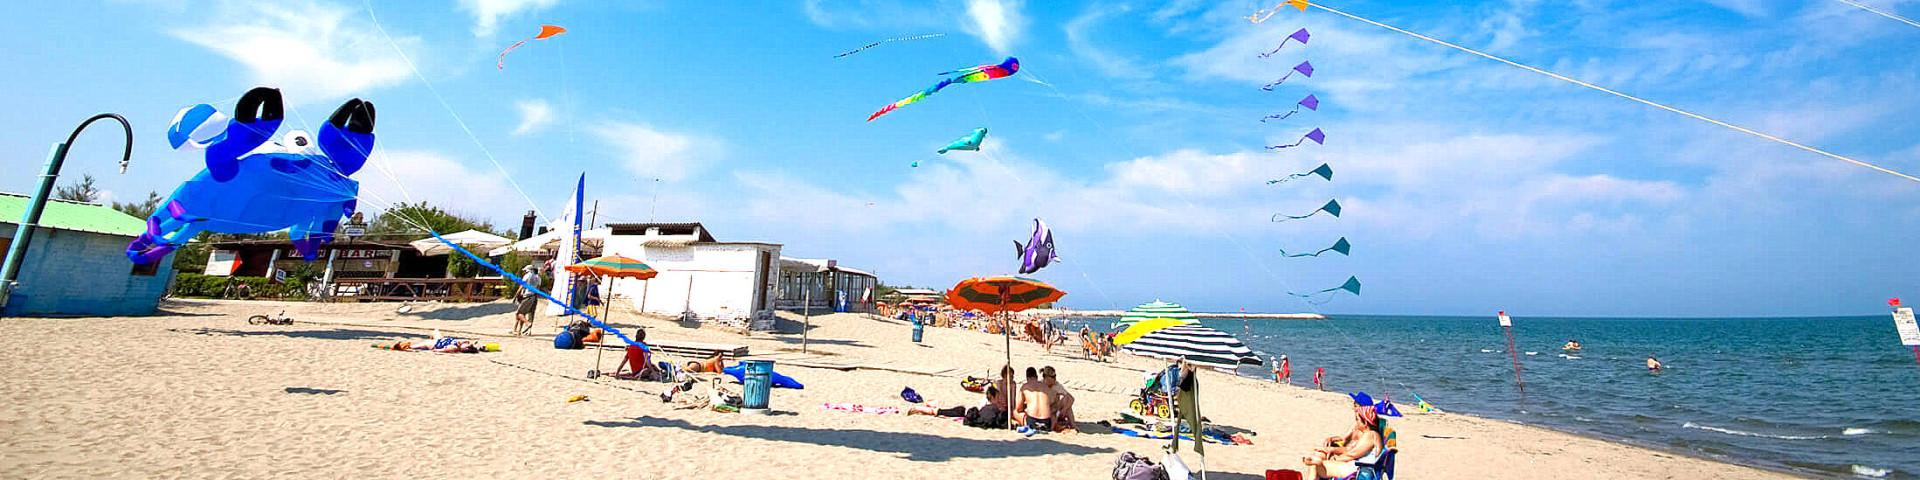 Rosolina Mare, pláže jsou zde široké a k dispozici pro všechny možné hry